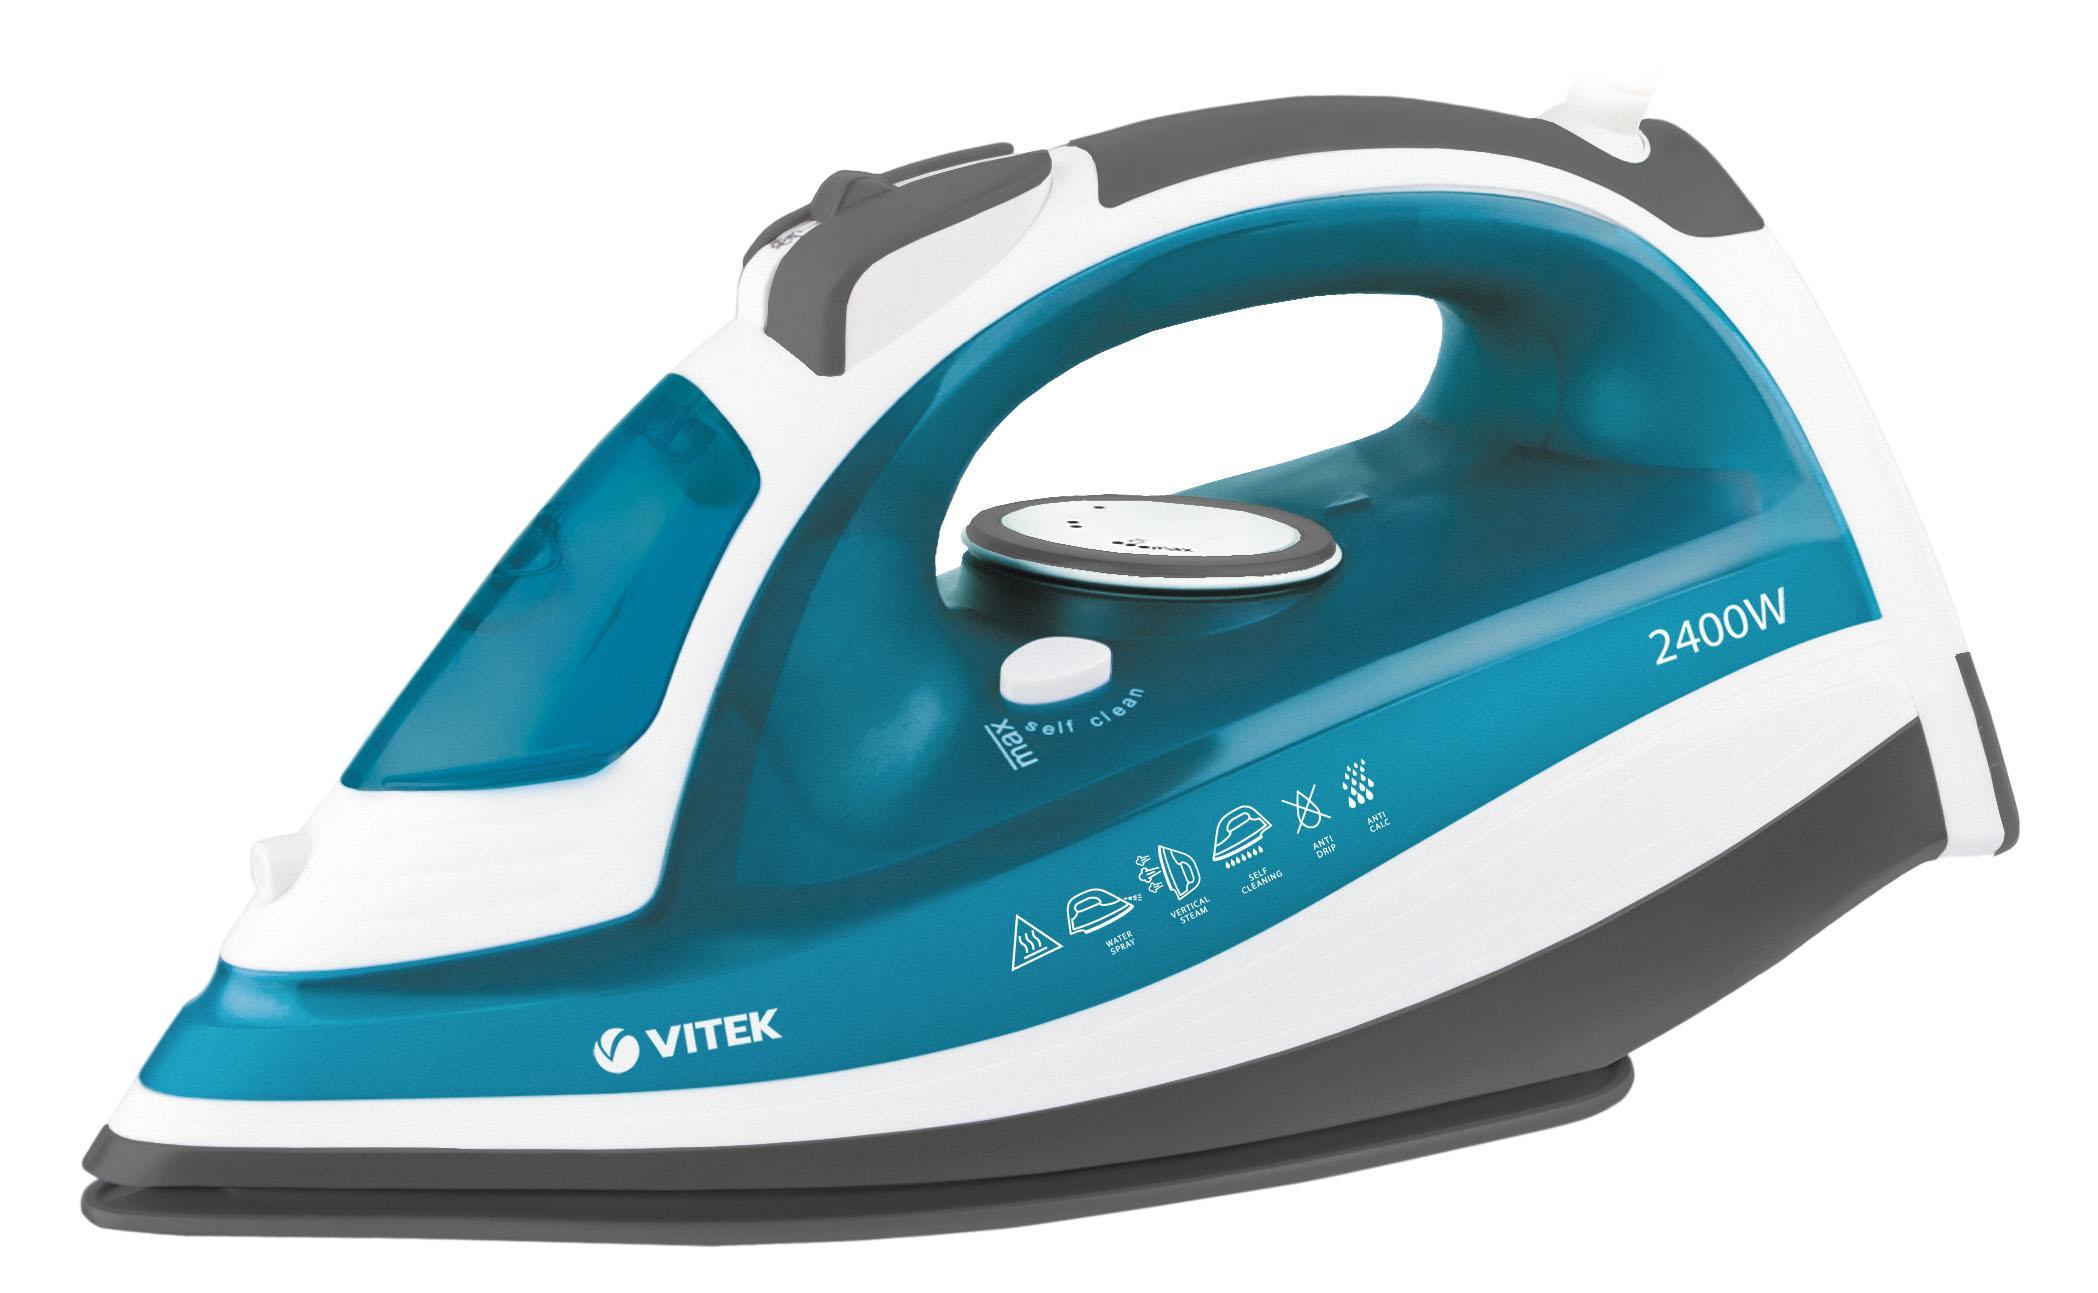 VITEK VT-1265